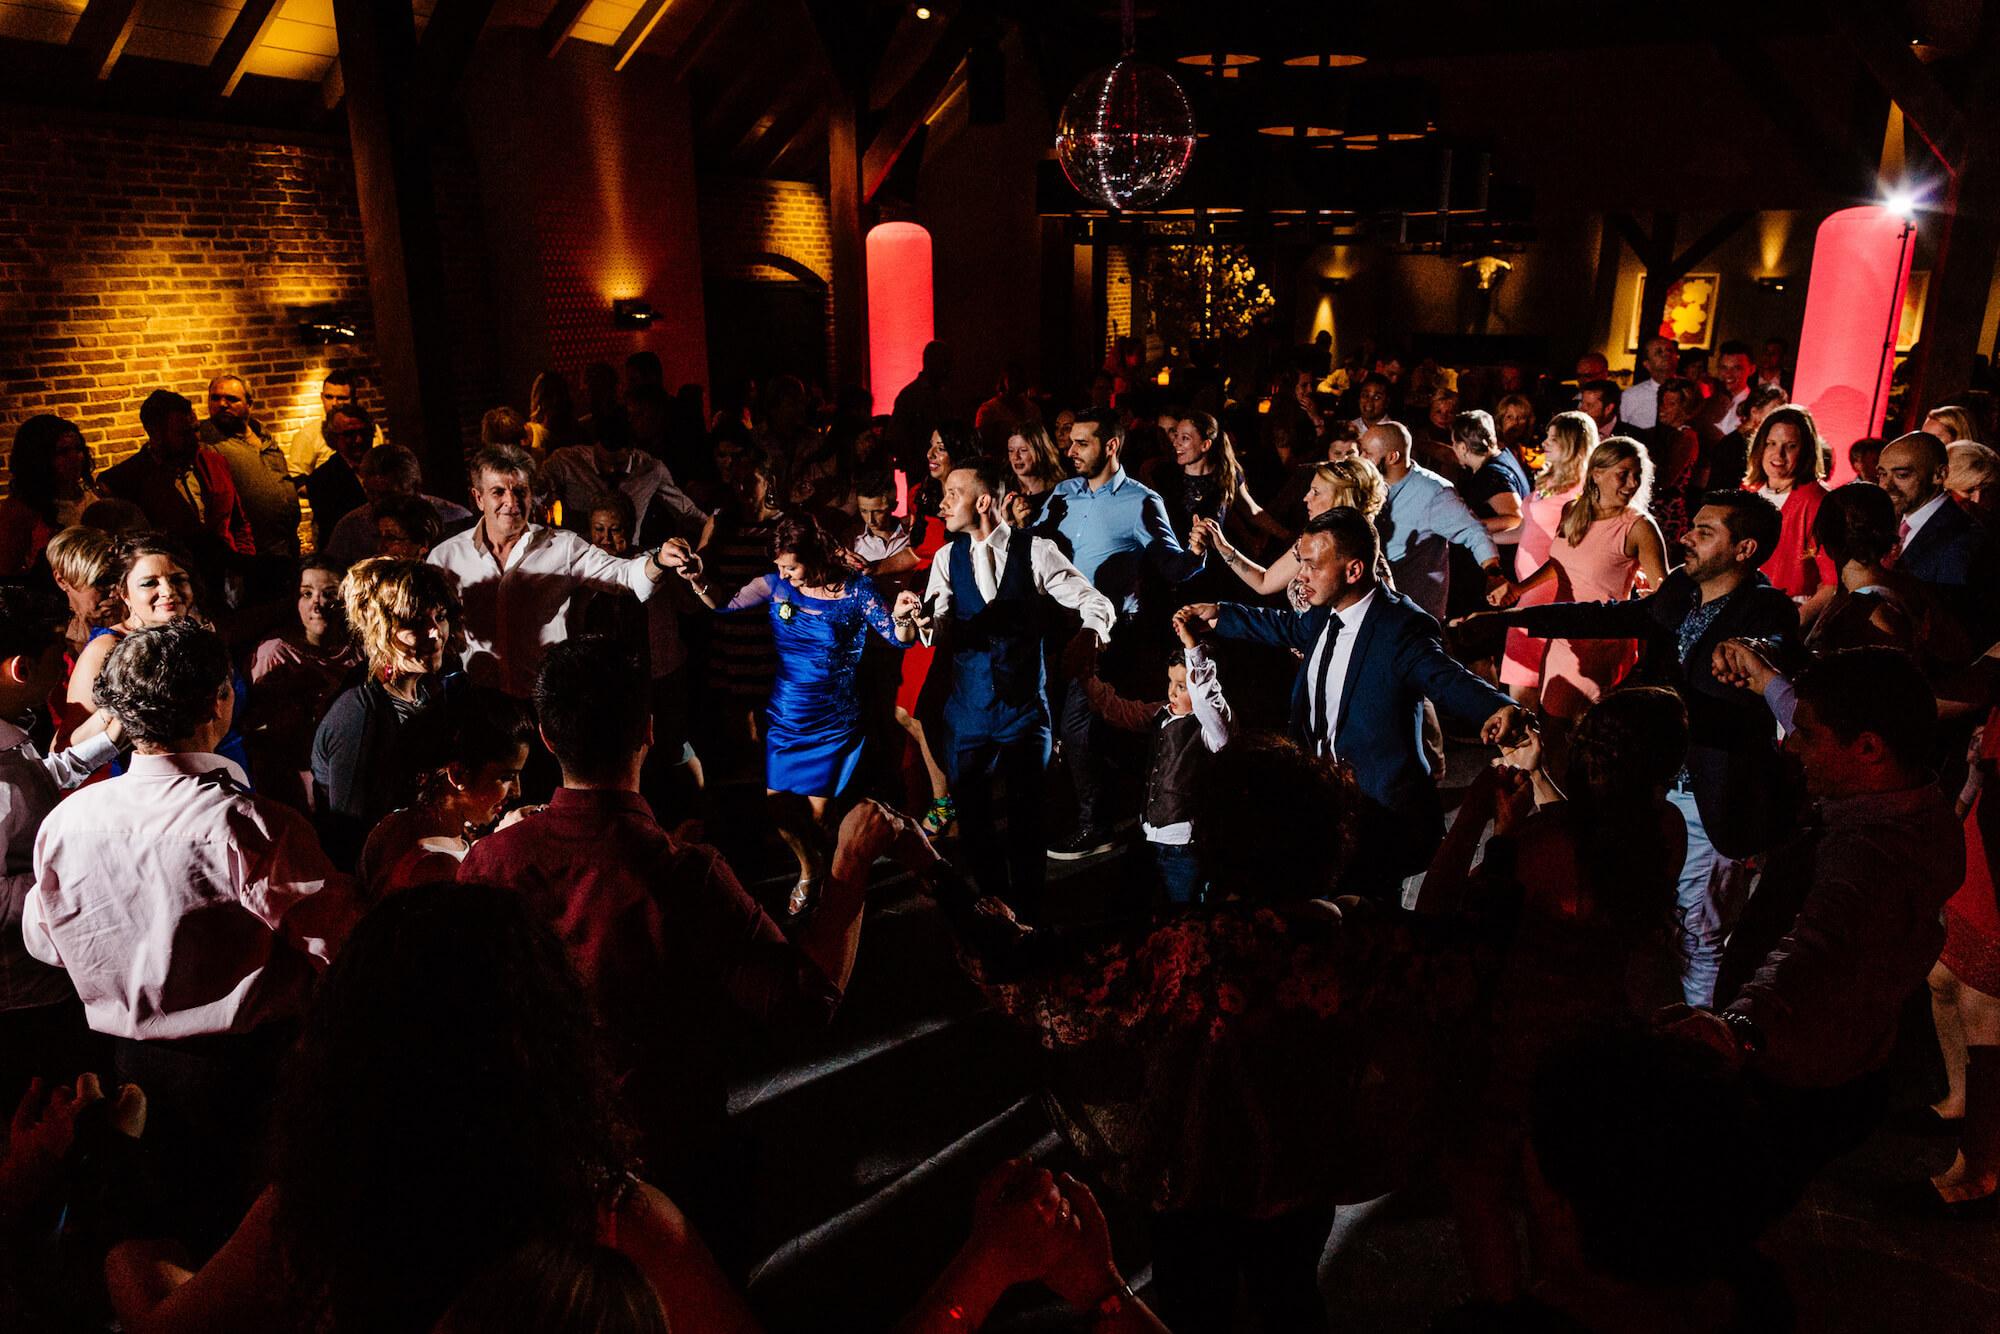 griekse-bruiloft-trouwfotograaf-utrecht-47.jpg